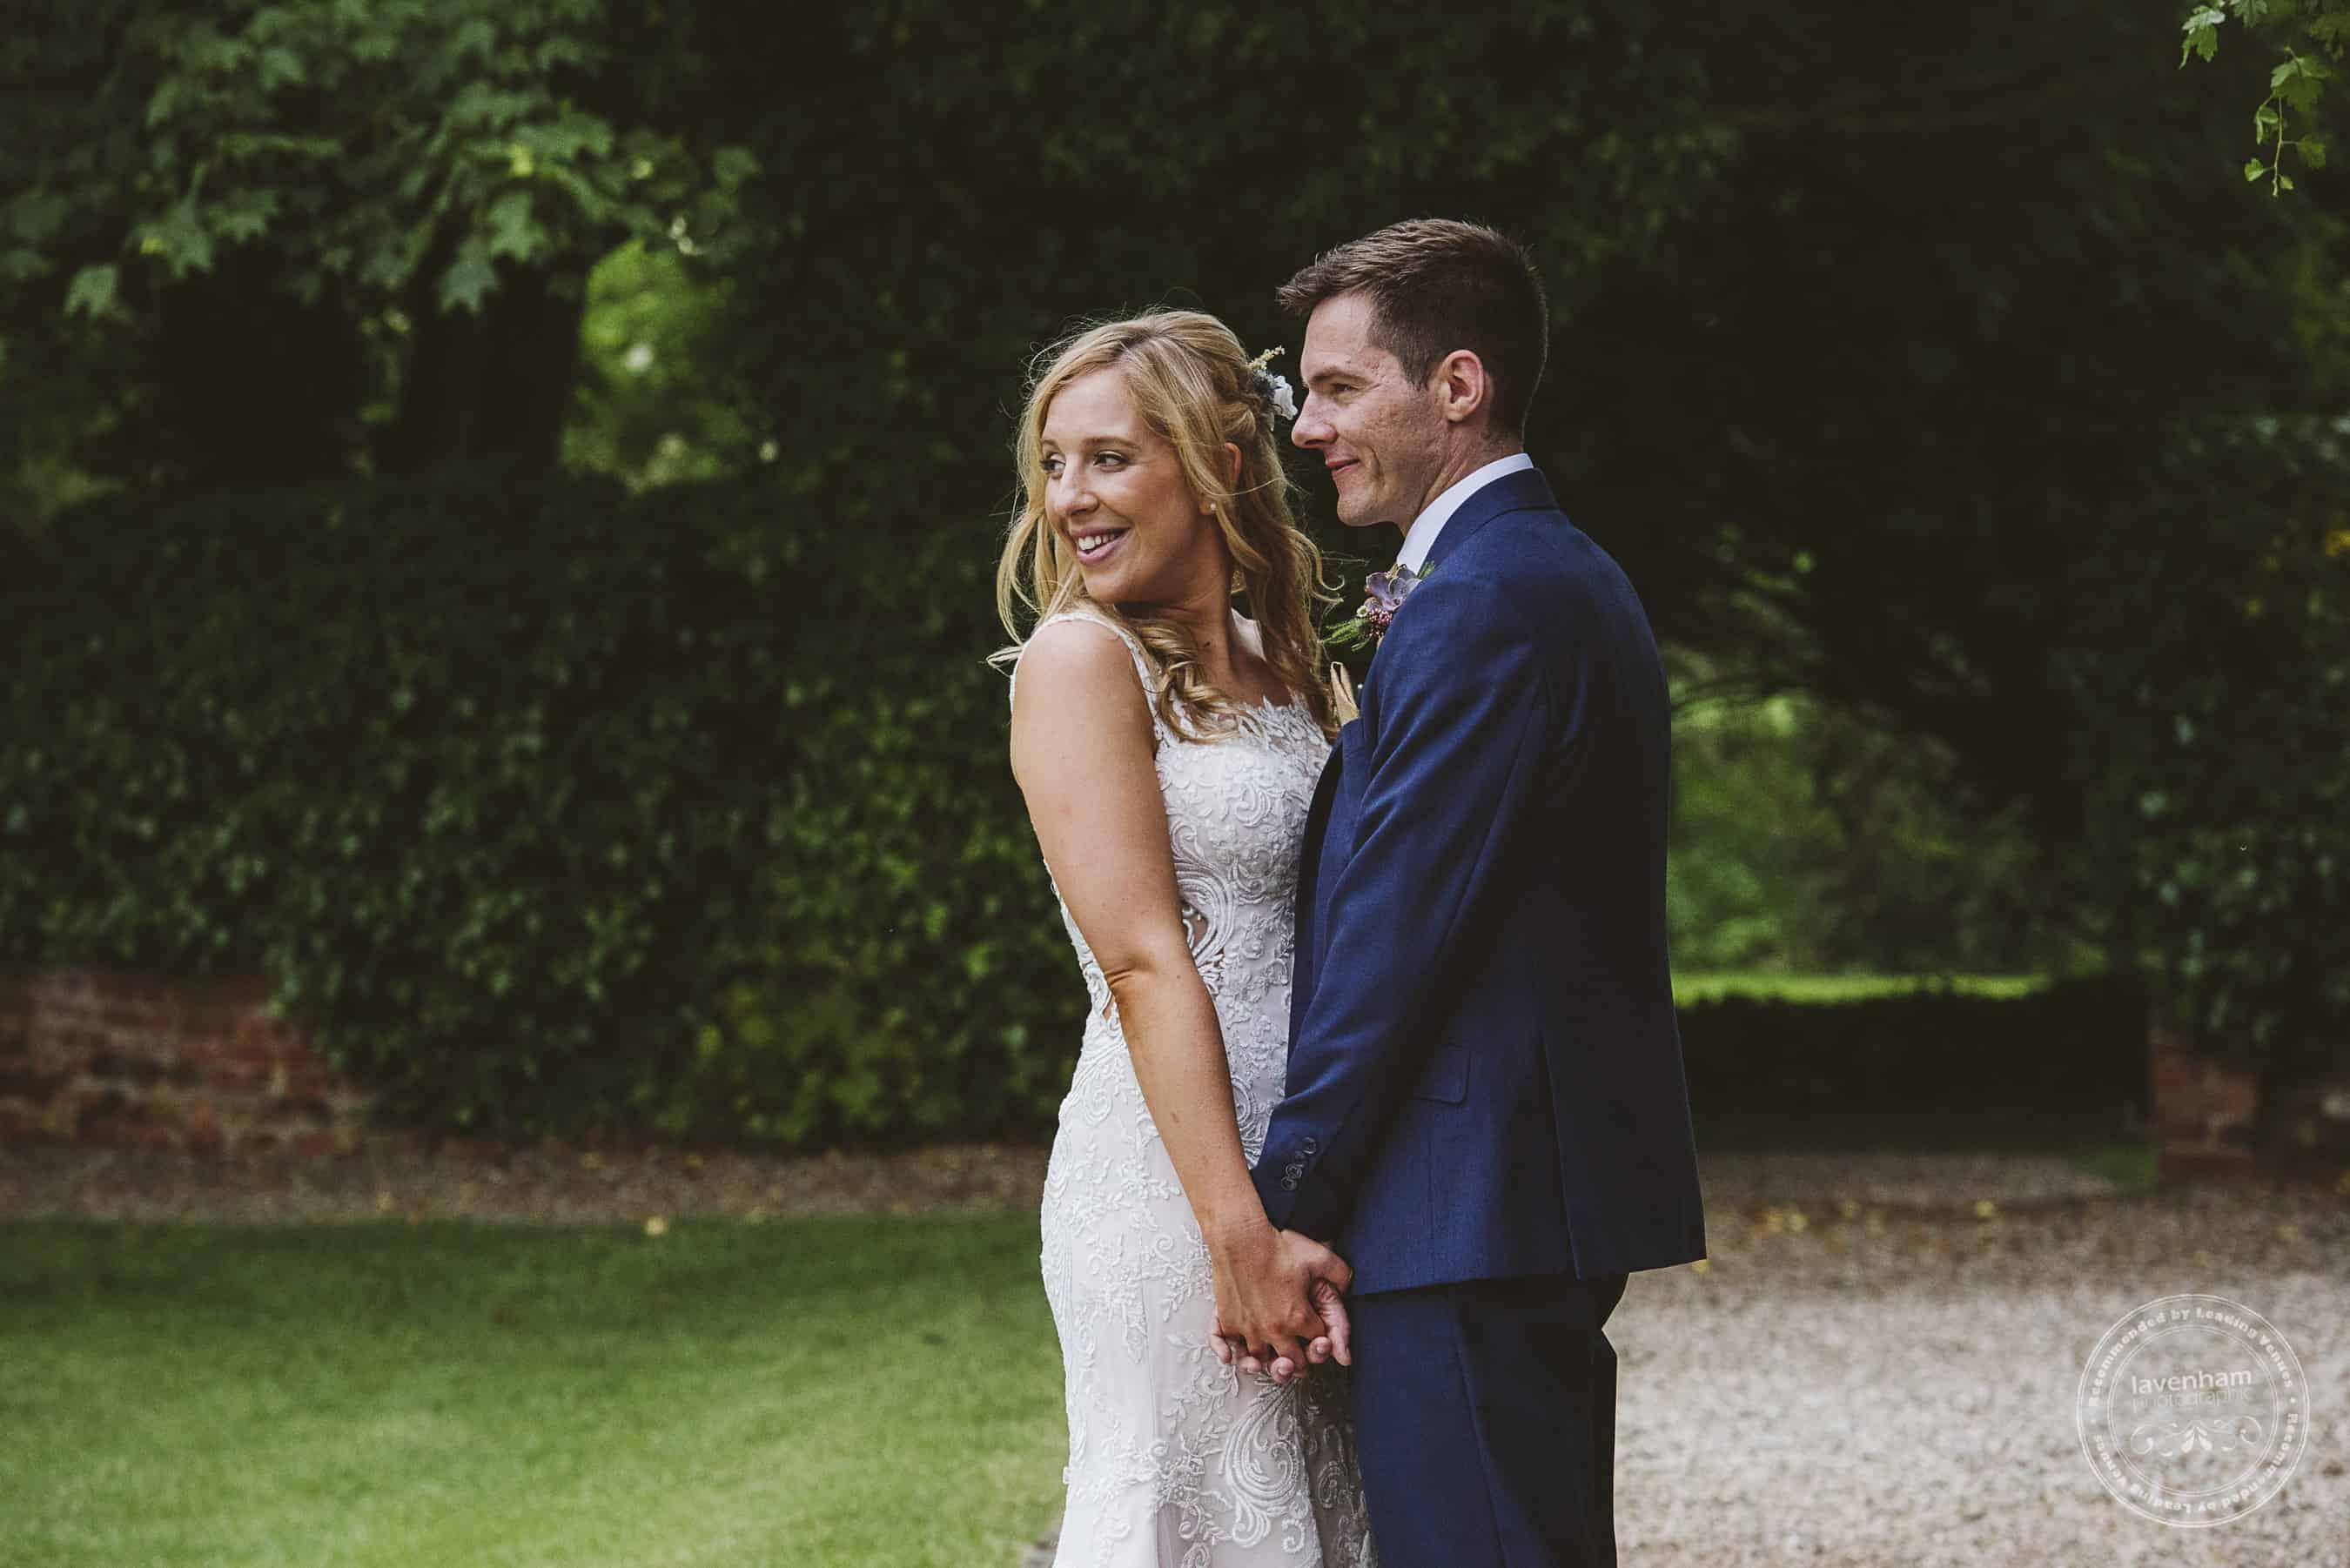 020618 Leez Priory Wedding Photography Lavenham Photographic 089